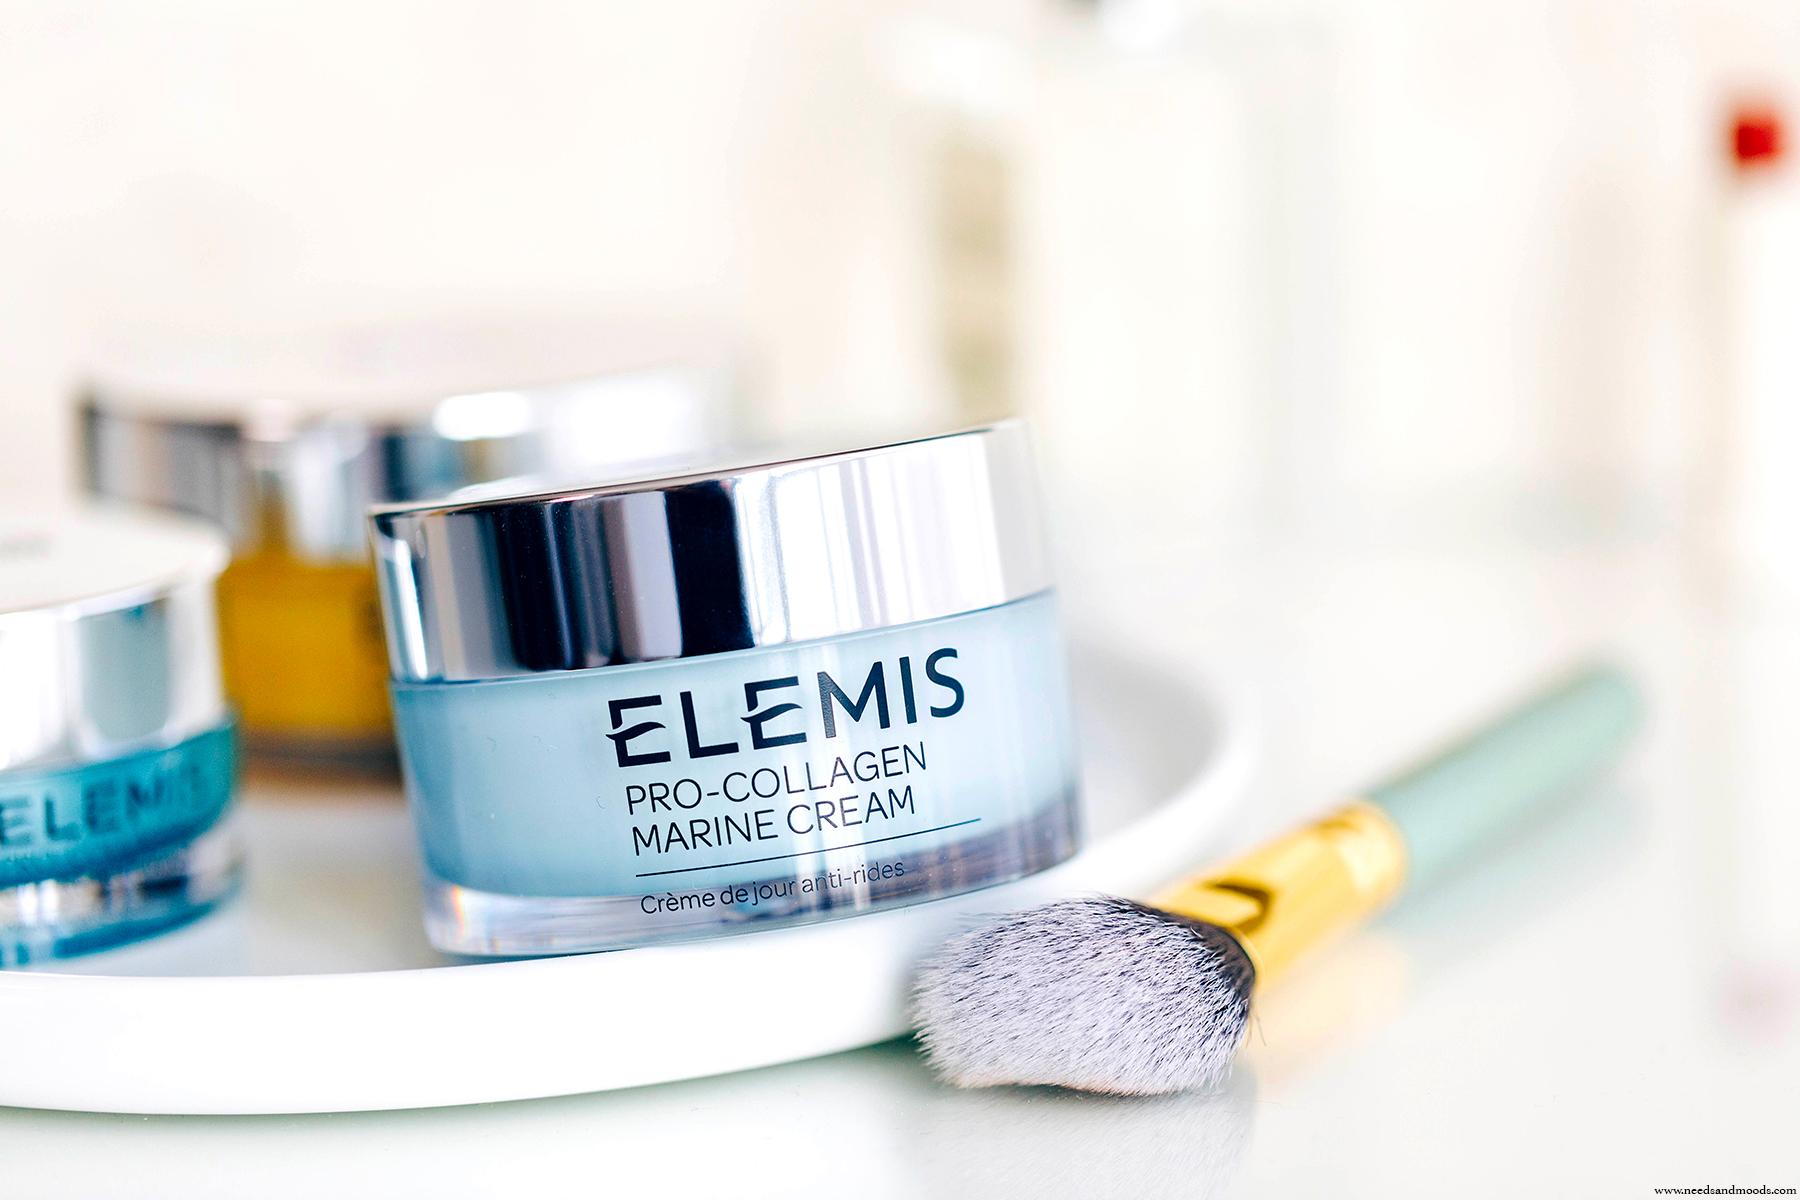 elemis-pro-collagen-marine-cream-composition